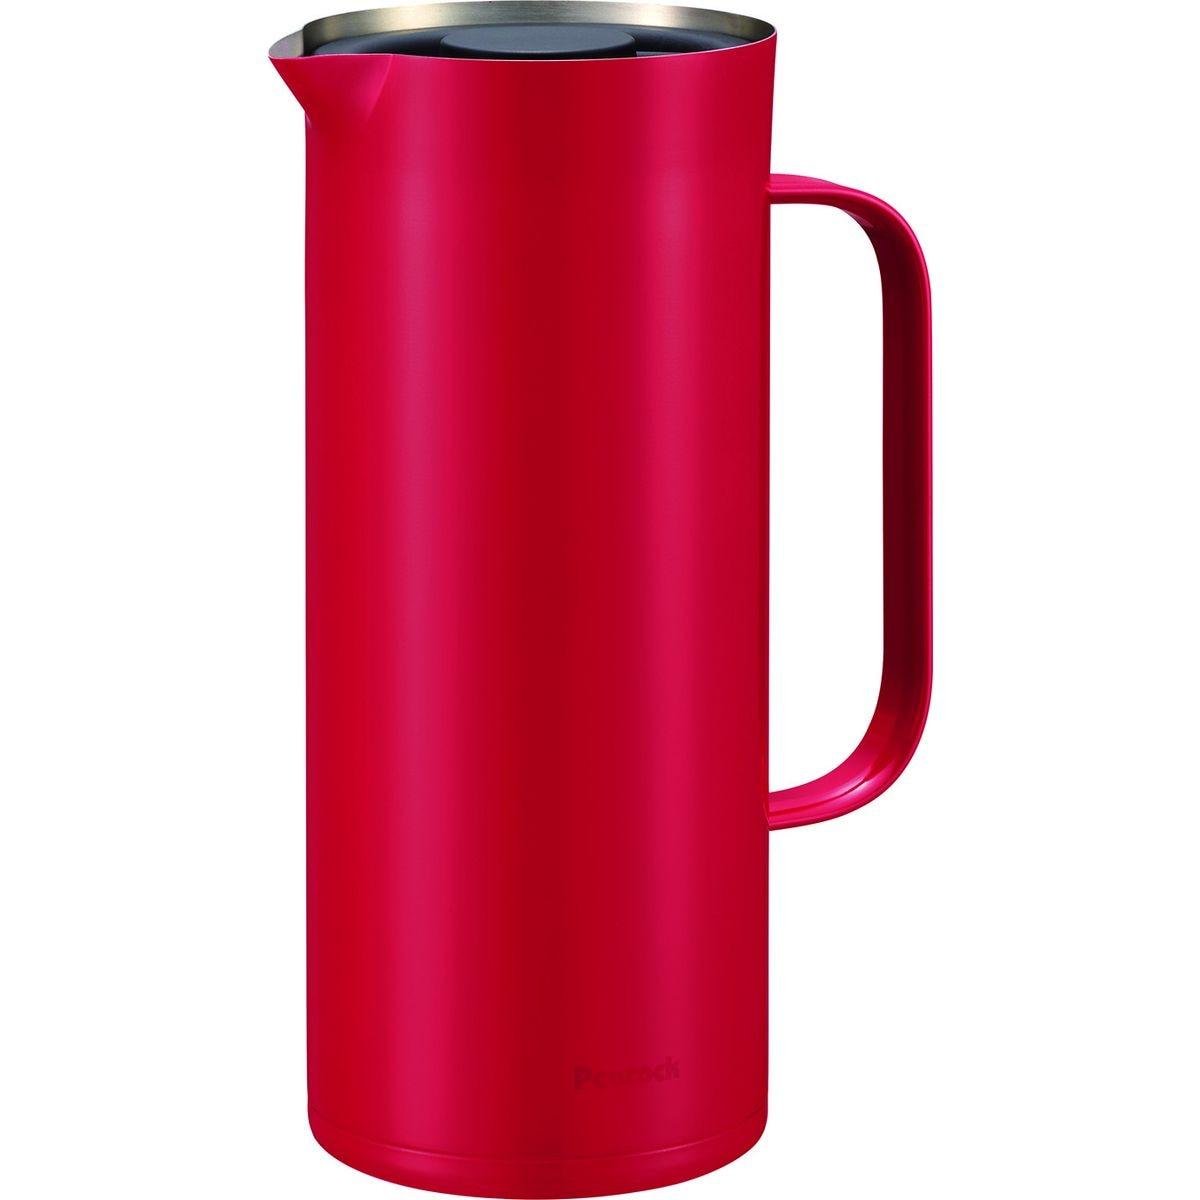 ピーコック魔法瓶 1L 保冷保温丸洗い可リビングポット レッド AHW-100-R